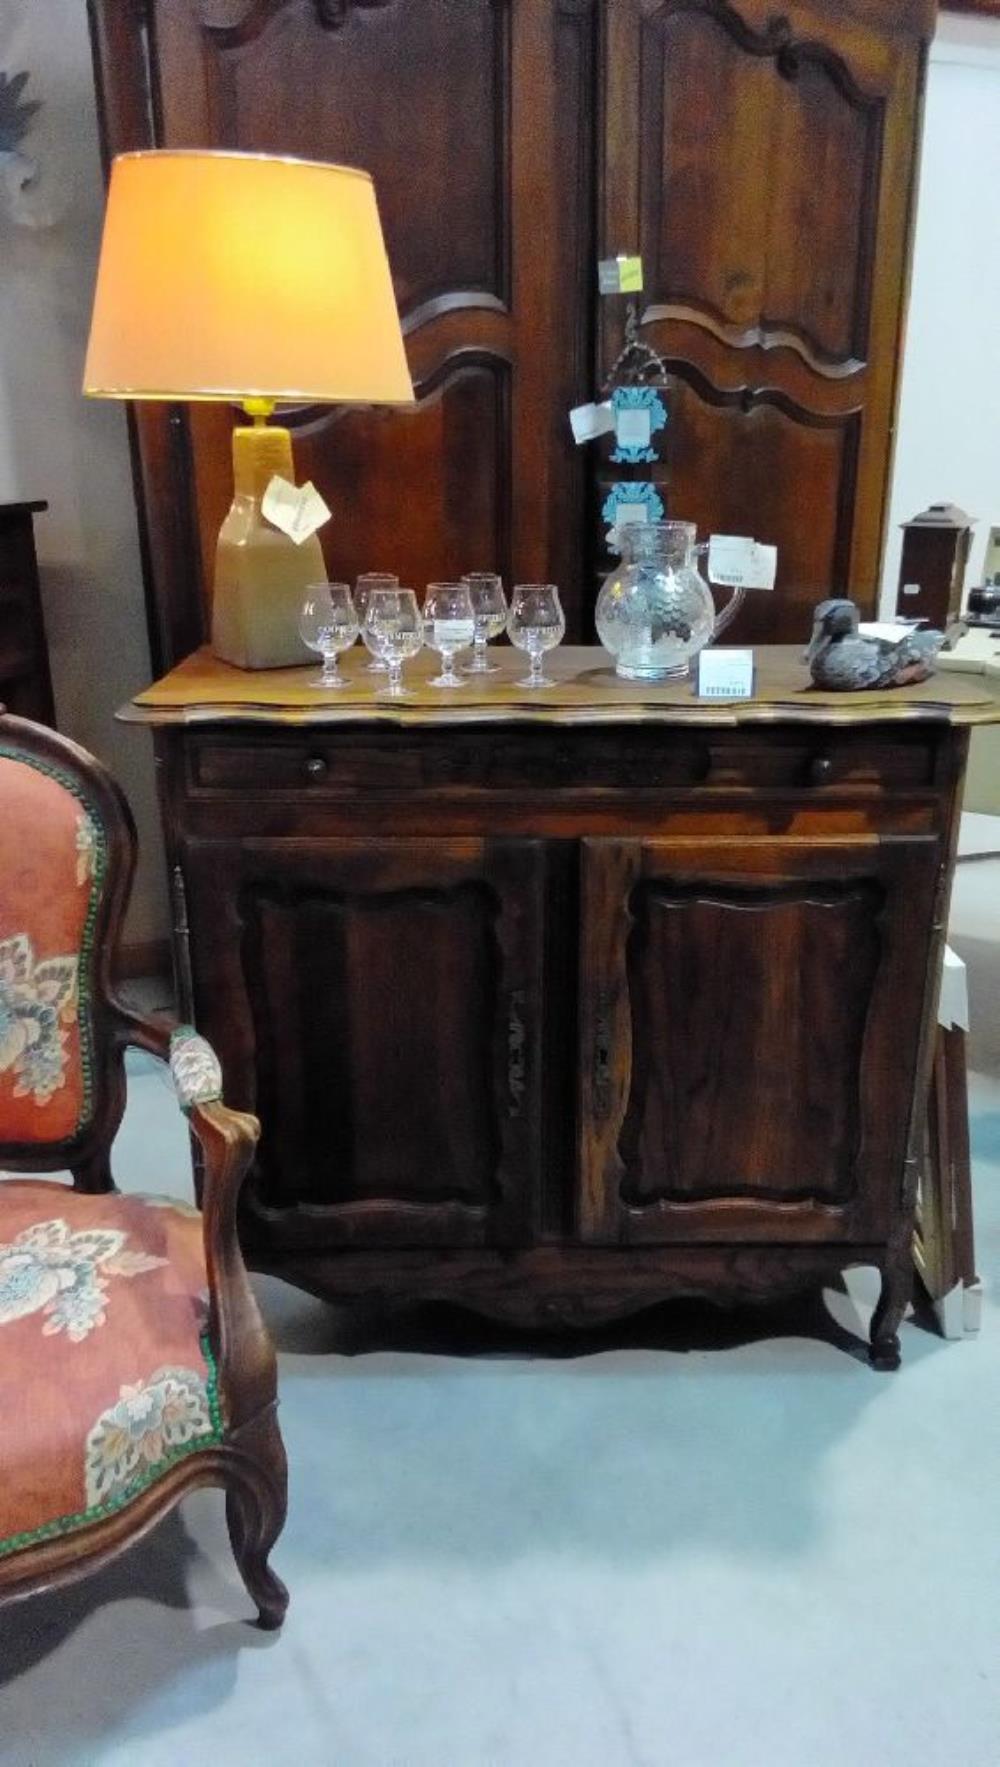 meuble bas chene massif st louis xv 2p 1t sans etagere occasion la boutique du chineur. Black Bedroom Furniture Sets. Home Design Ideas